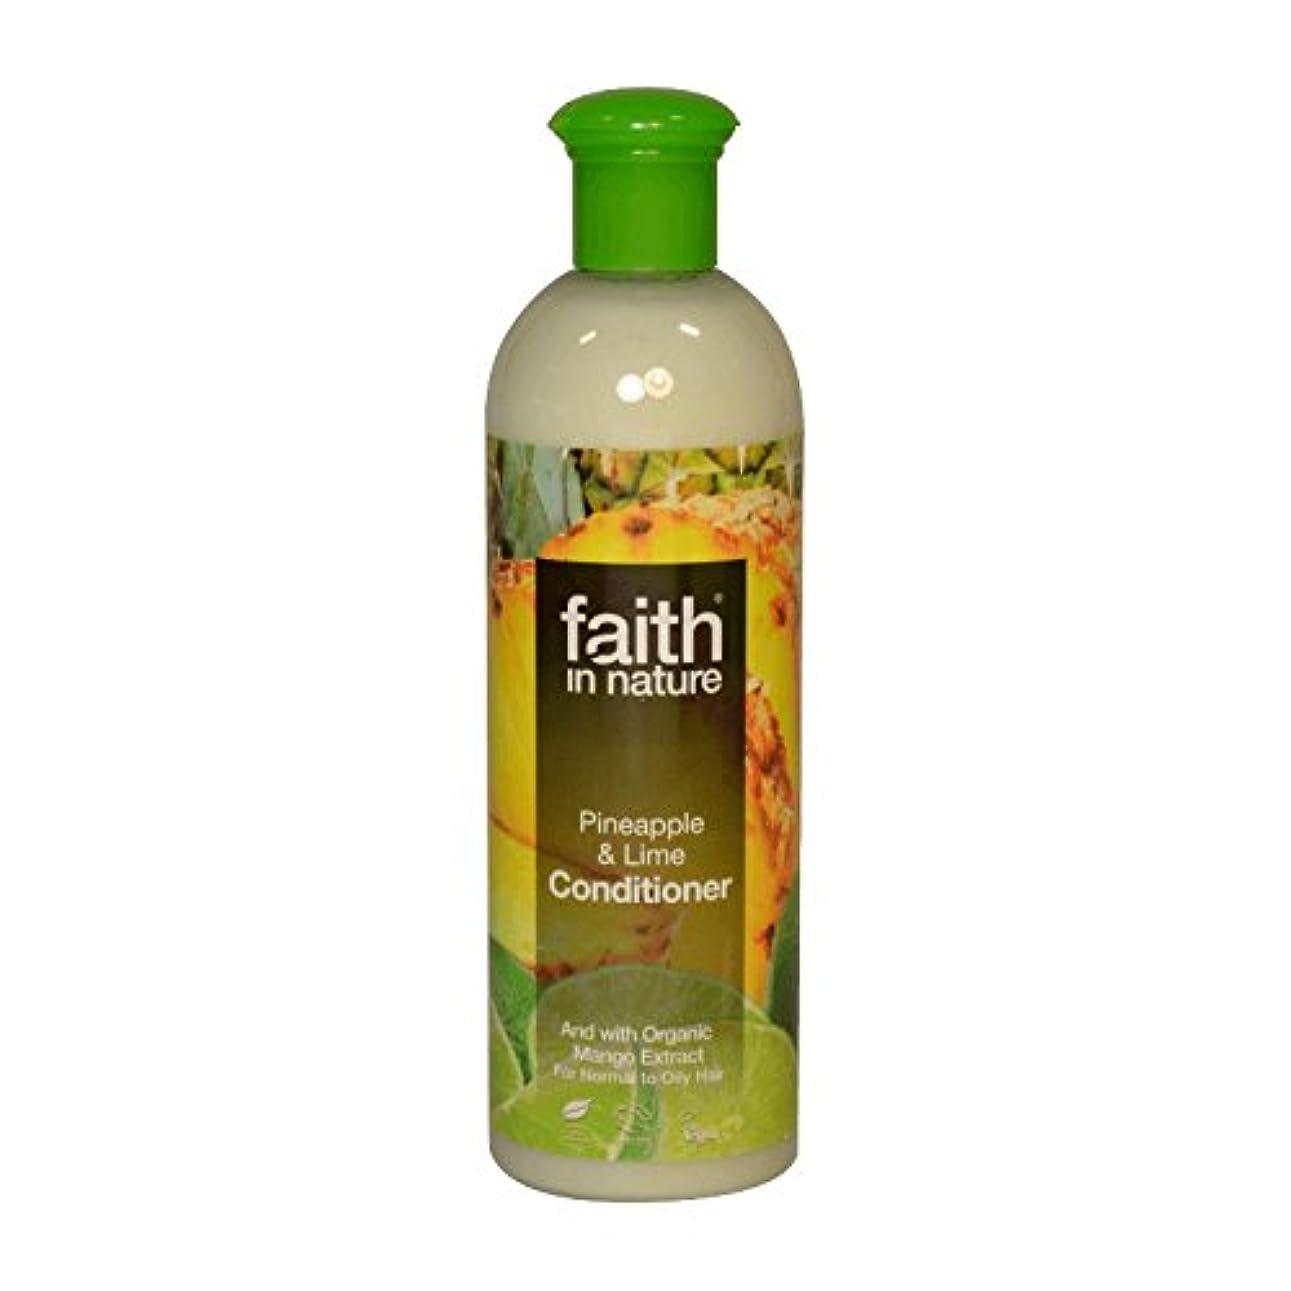 ニックネームキモい受け継ぐFaith in Nature Pineapple & Lime Conditioner 400ml (Pack of 2) - 自然パイナップル&ライムコンディショナー400ミリリットルの信仰 (x2) [並行輸入品]